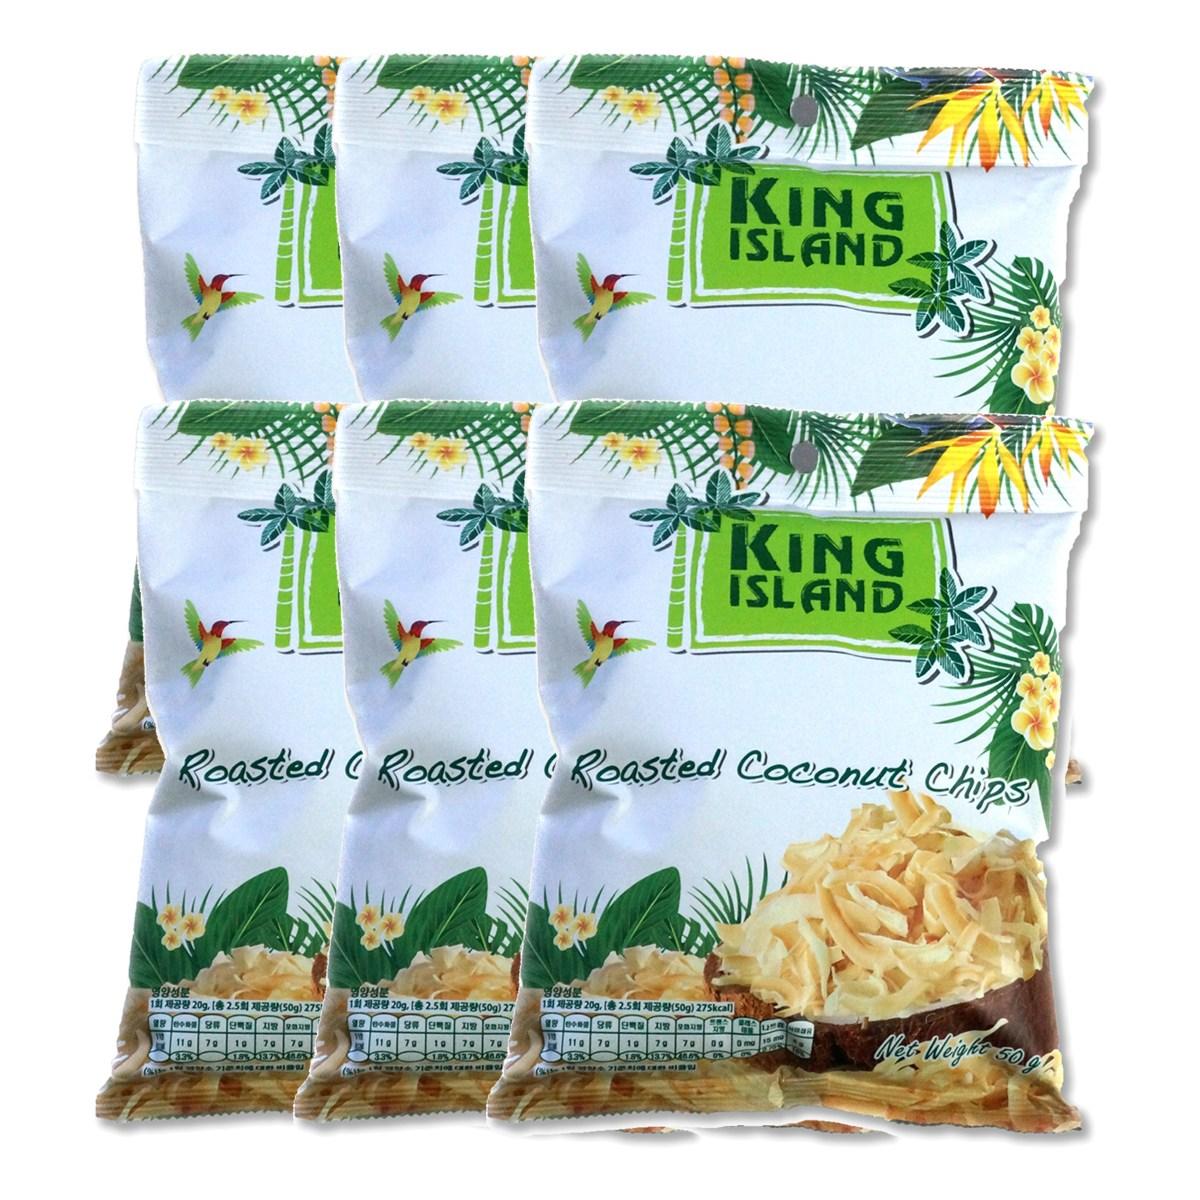 예이니종합물류 킹아일랜드 구운 코코넛칩 6개(50g*6개)수입과자 크래커 건과일 시리얼, 50g, 6개